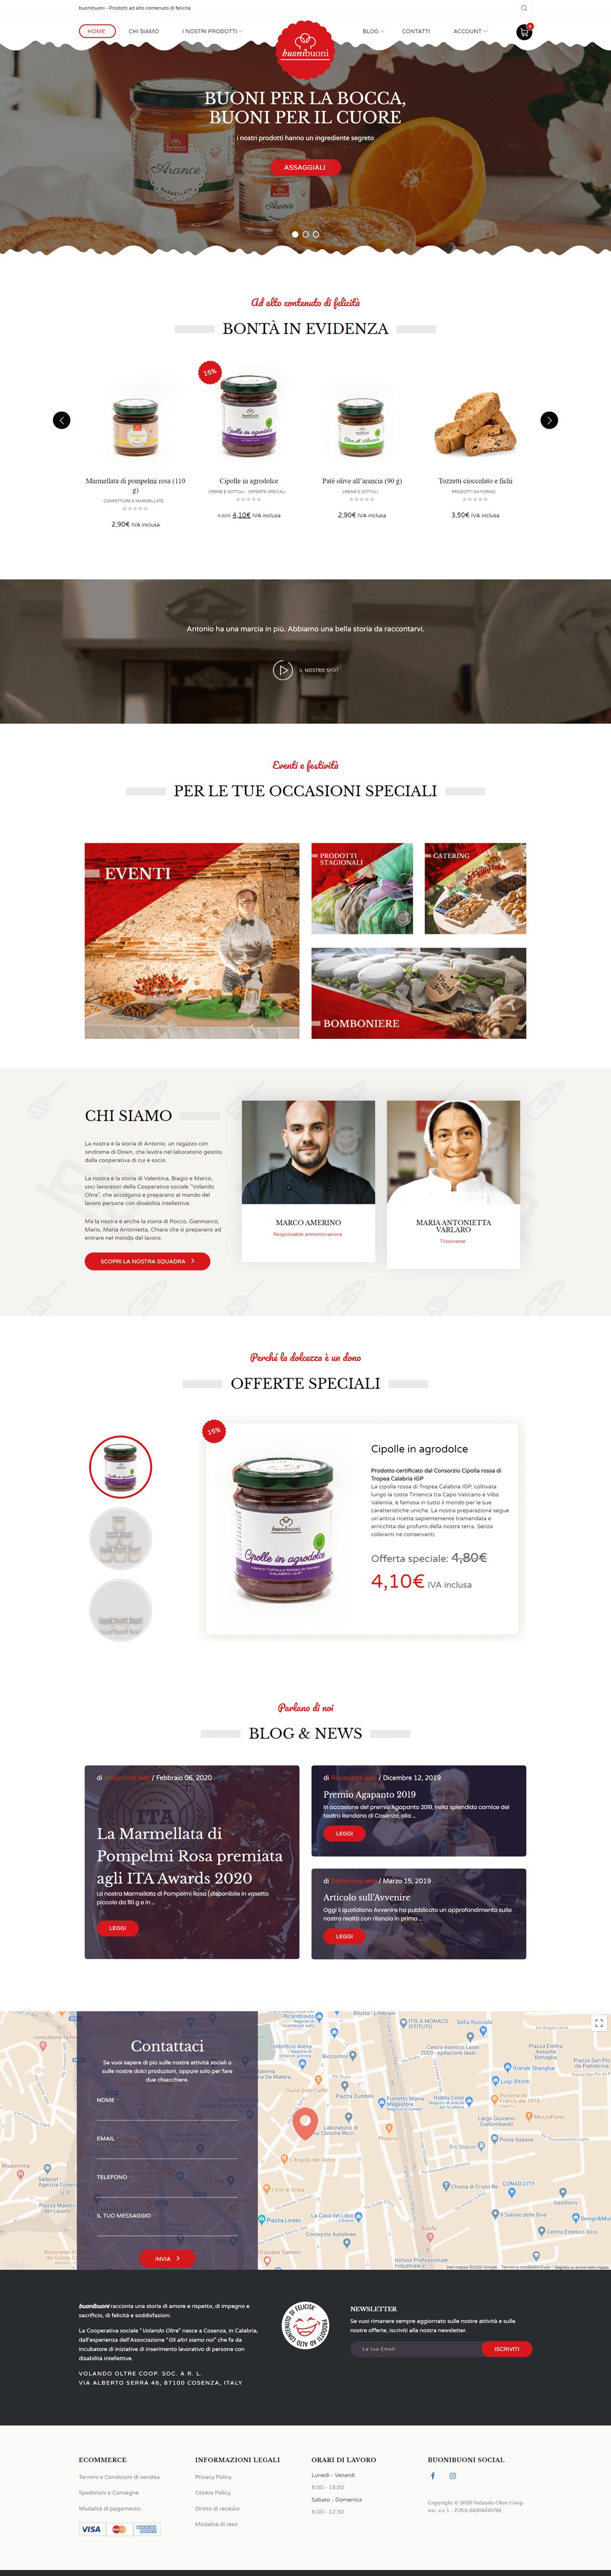 Studio La Regina - il sito e-commerce di Buoni Buoni